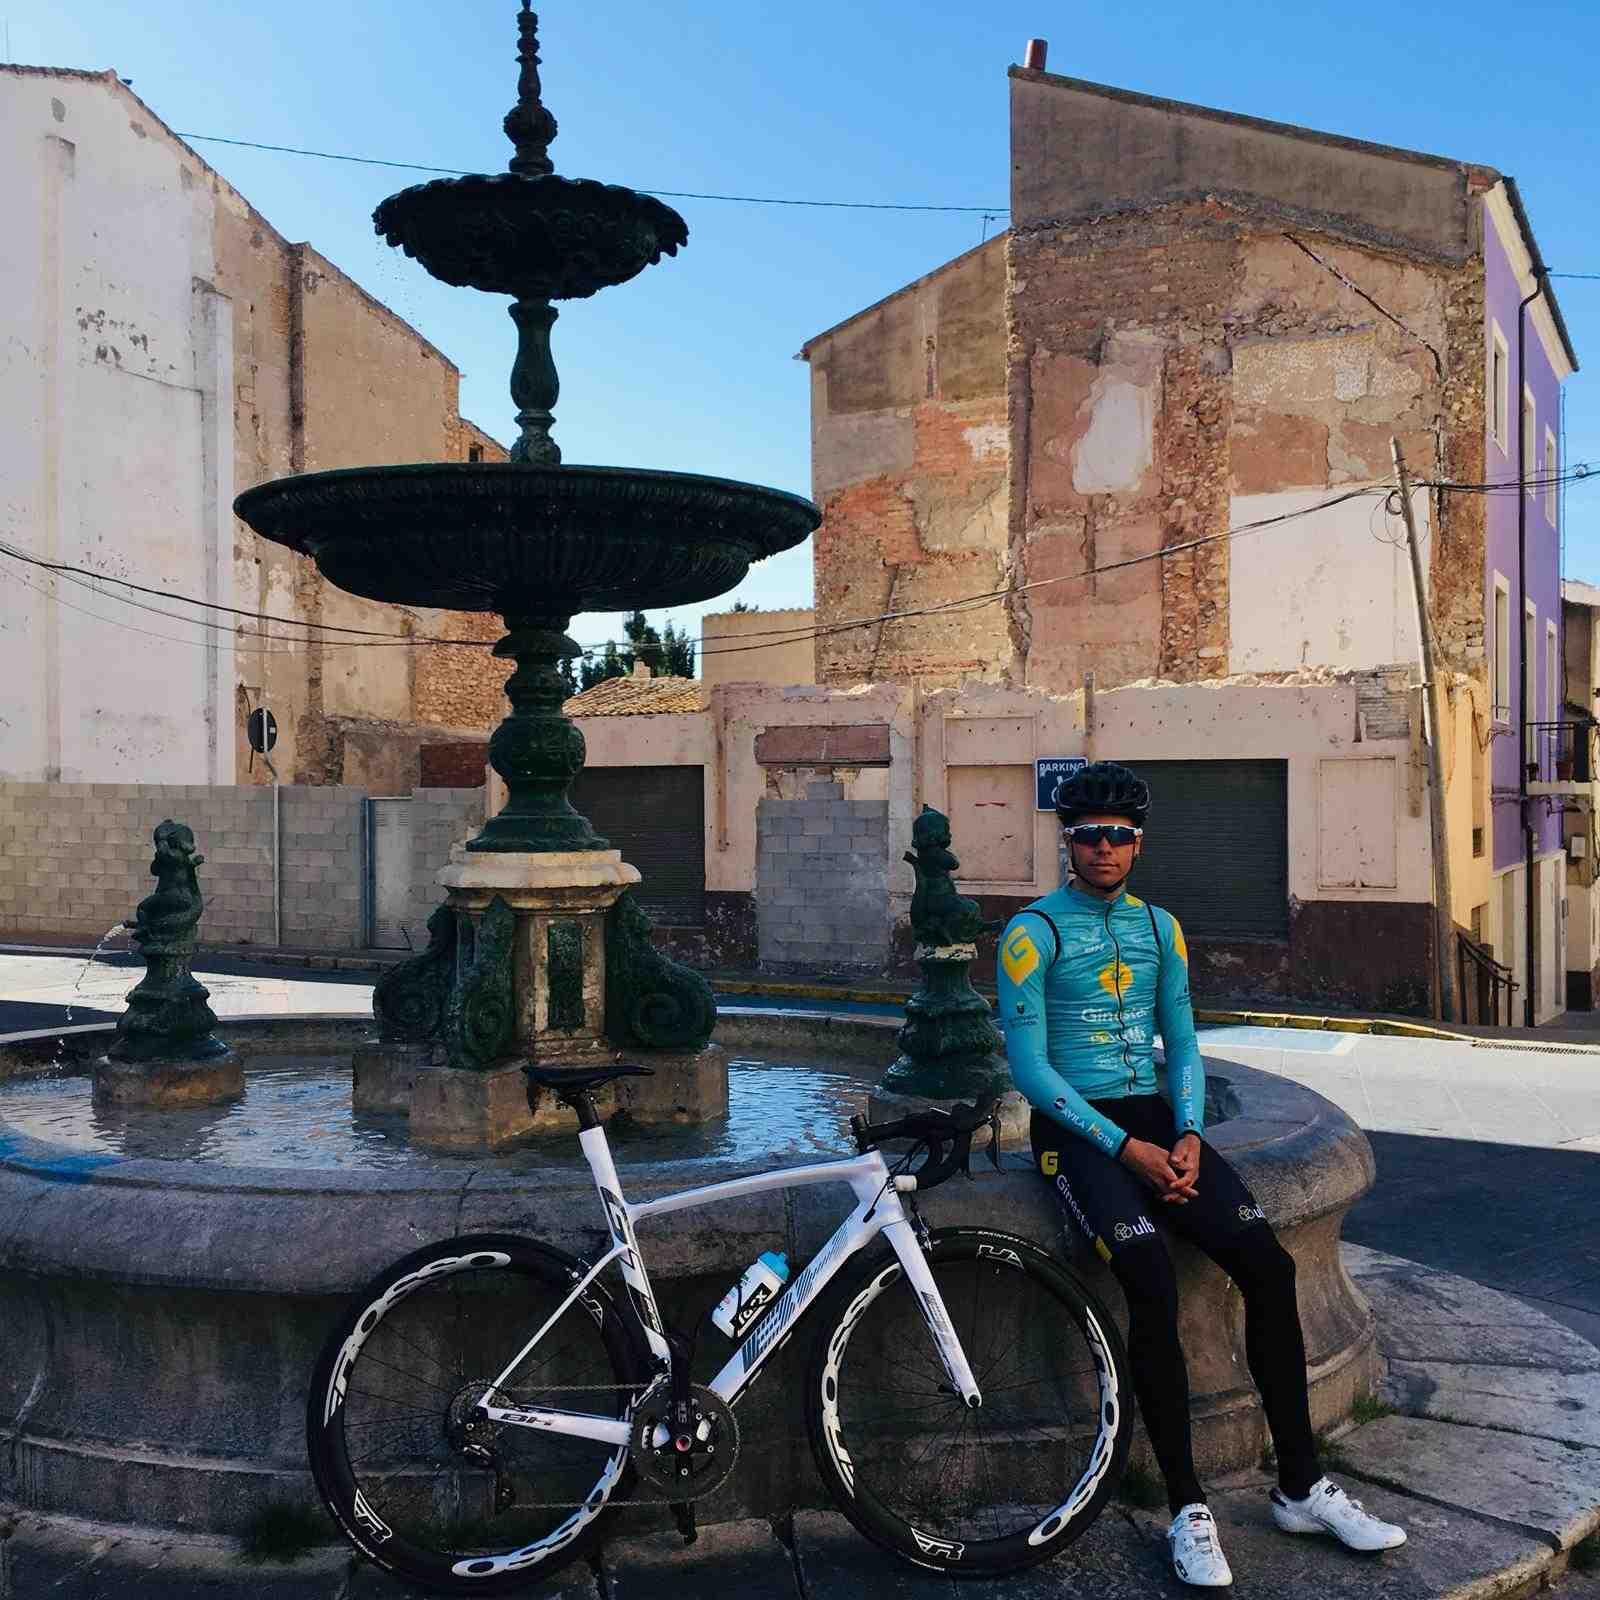 El ciclista iberut Josué Gómez participa en el Tour du Maroc